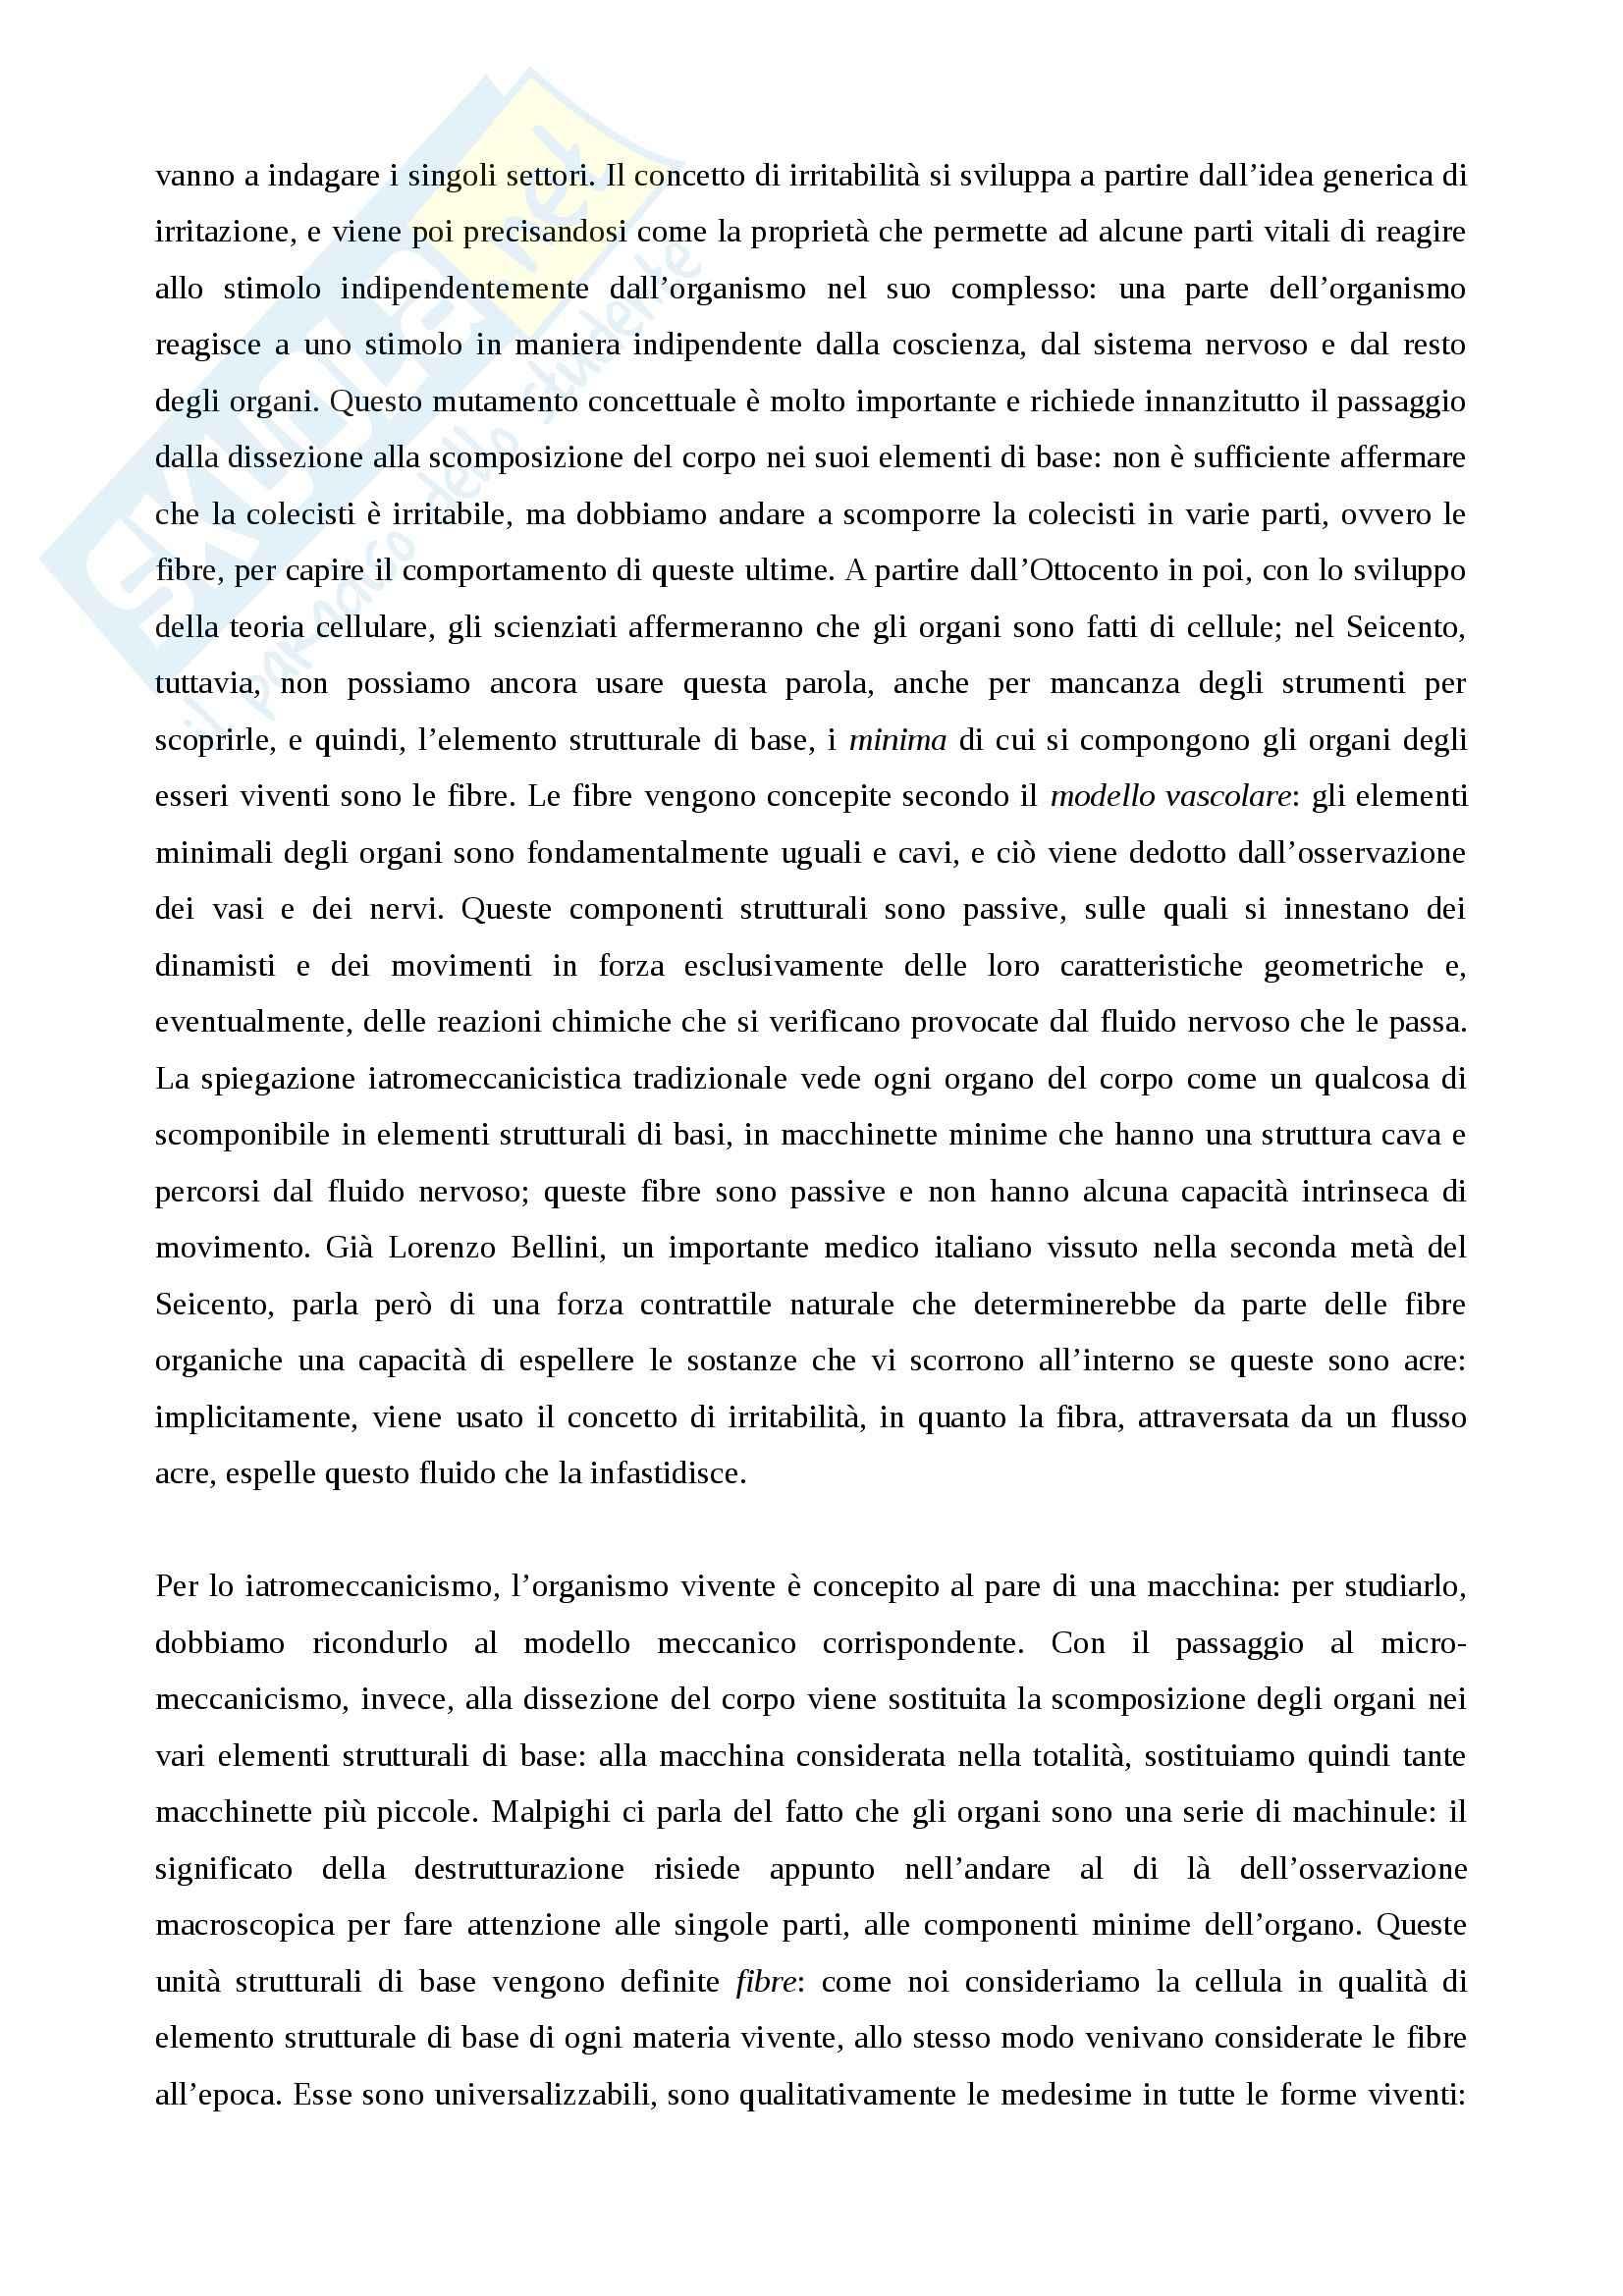 Riassunto esame storia della scienza, prof. Monti per esame di storia della scienza dell'età moderna nascita della fisiologia e meccanicismo Pag. 2